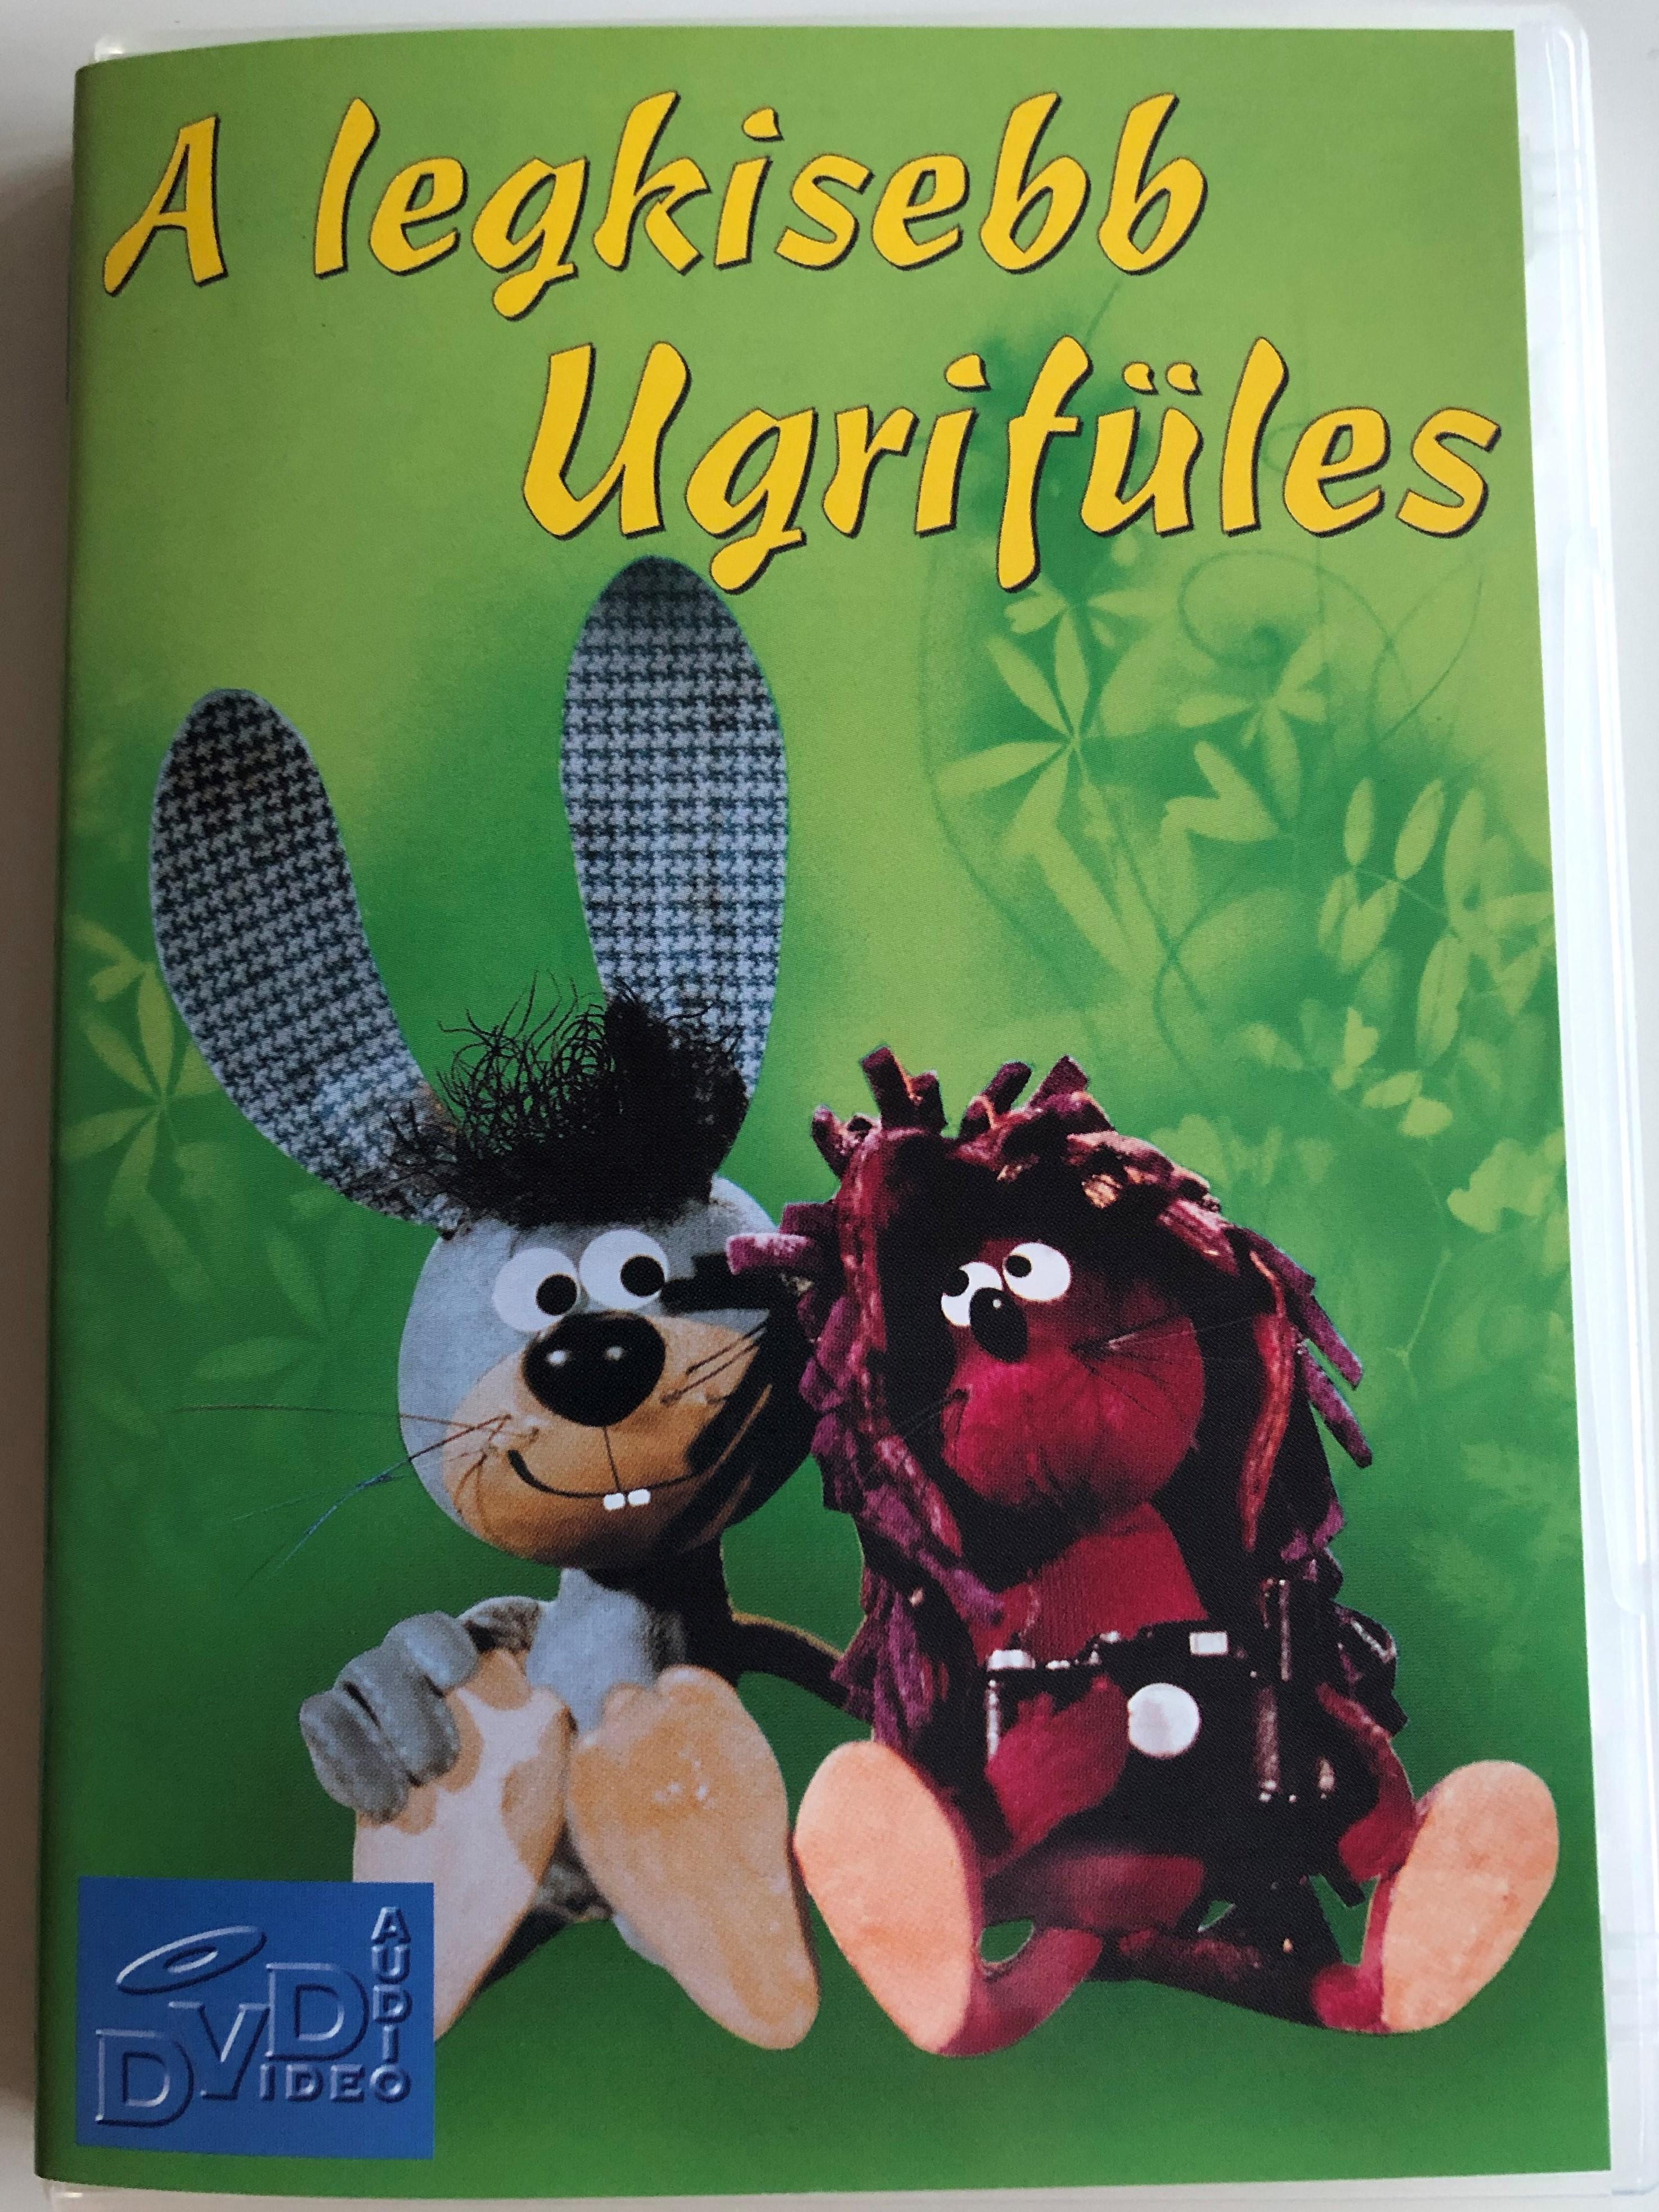 a-legkisebb-ugrif-les-dvd-1976-hungarian-puppet-movie-written-by-csuk-s-istv-n-1.jpg